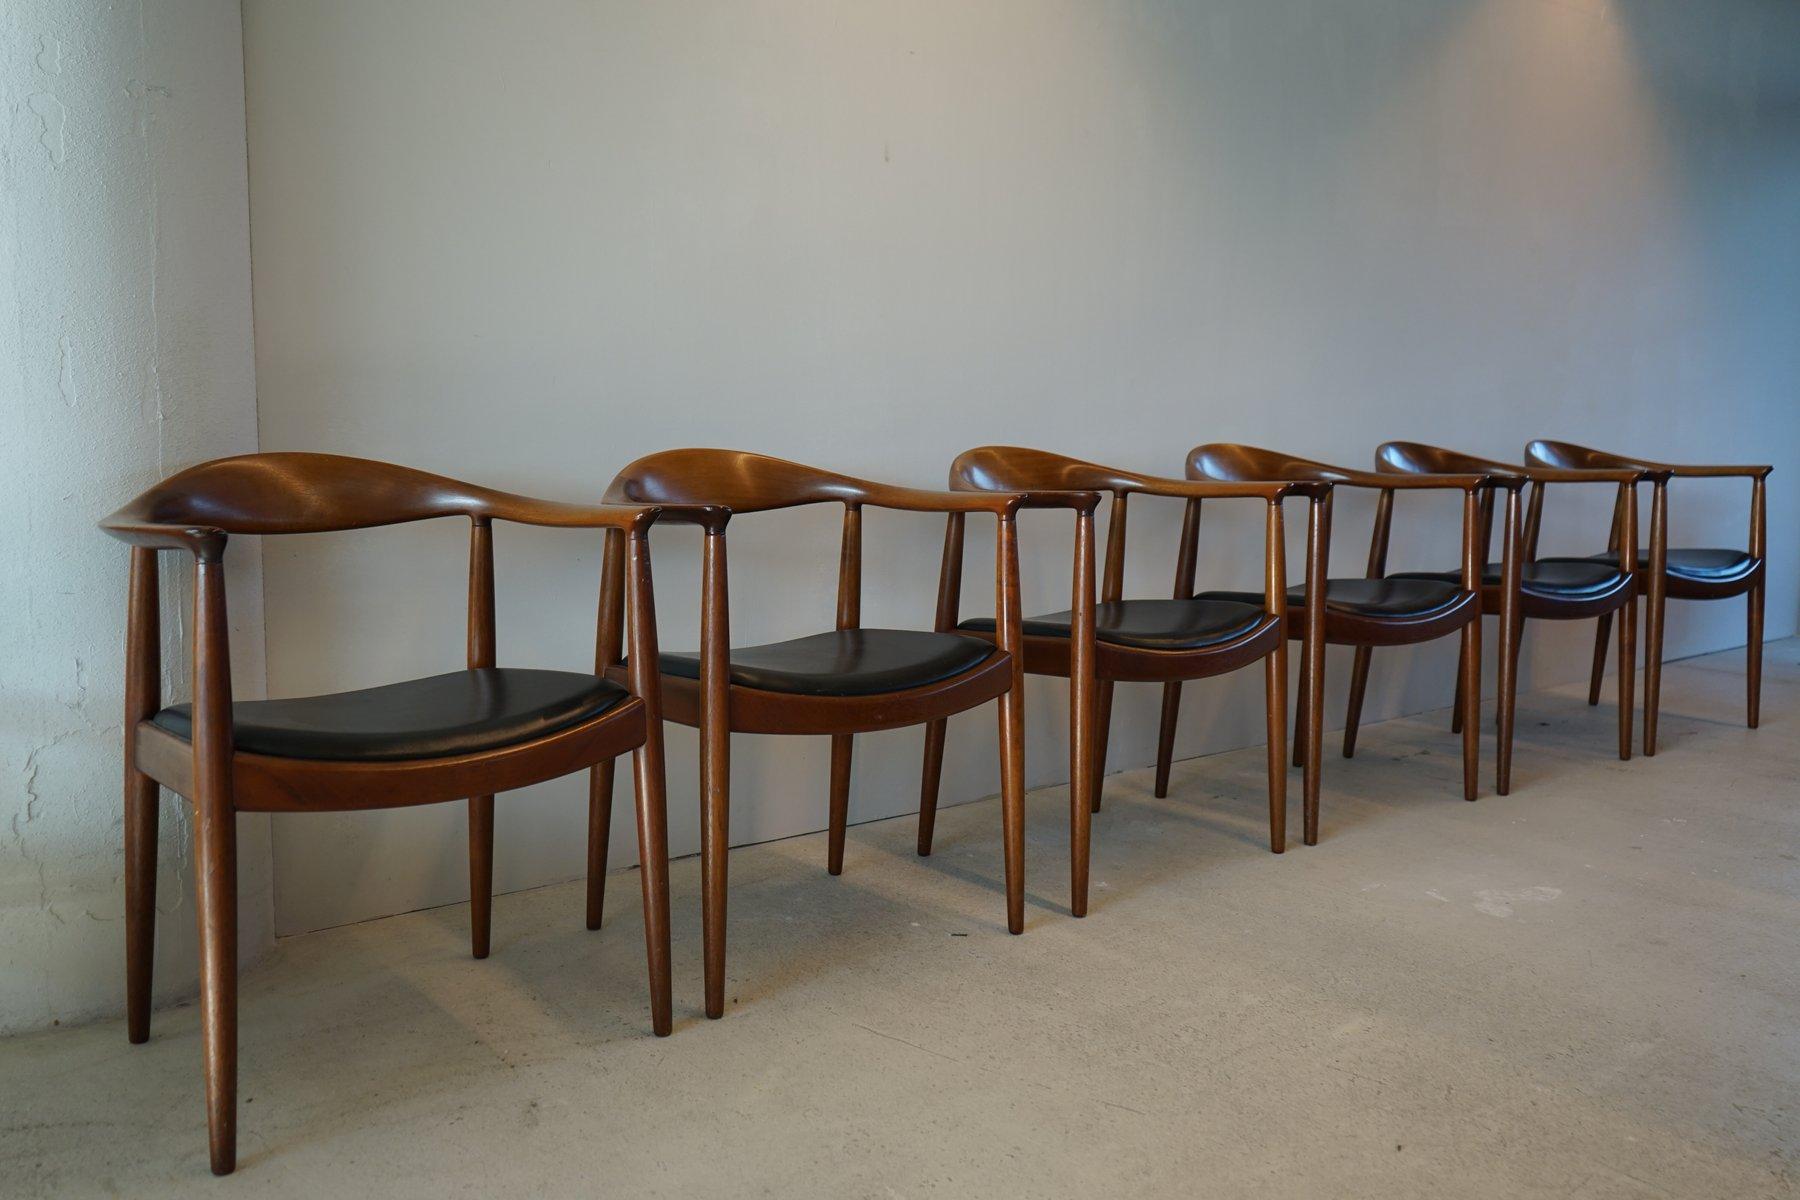 hans j wegner furniture. The Chair 503 Armchairs By Hans J. Wegner For Johannes Hansen, Set Of 6 J Furniture .